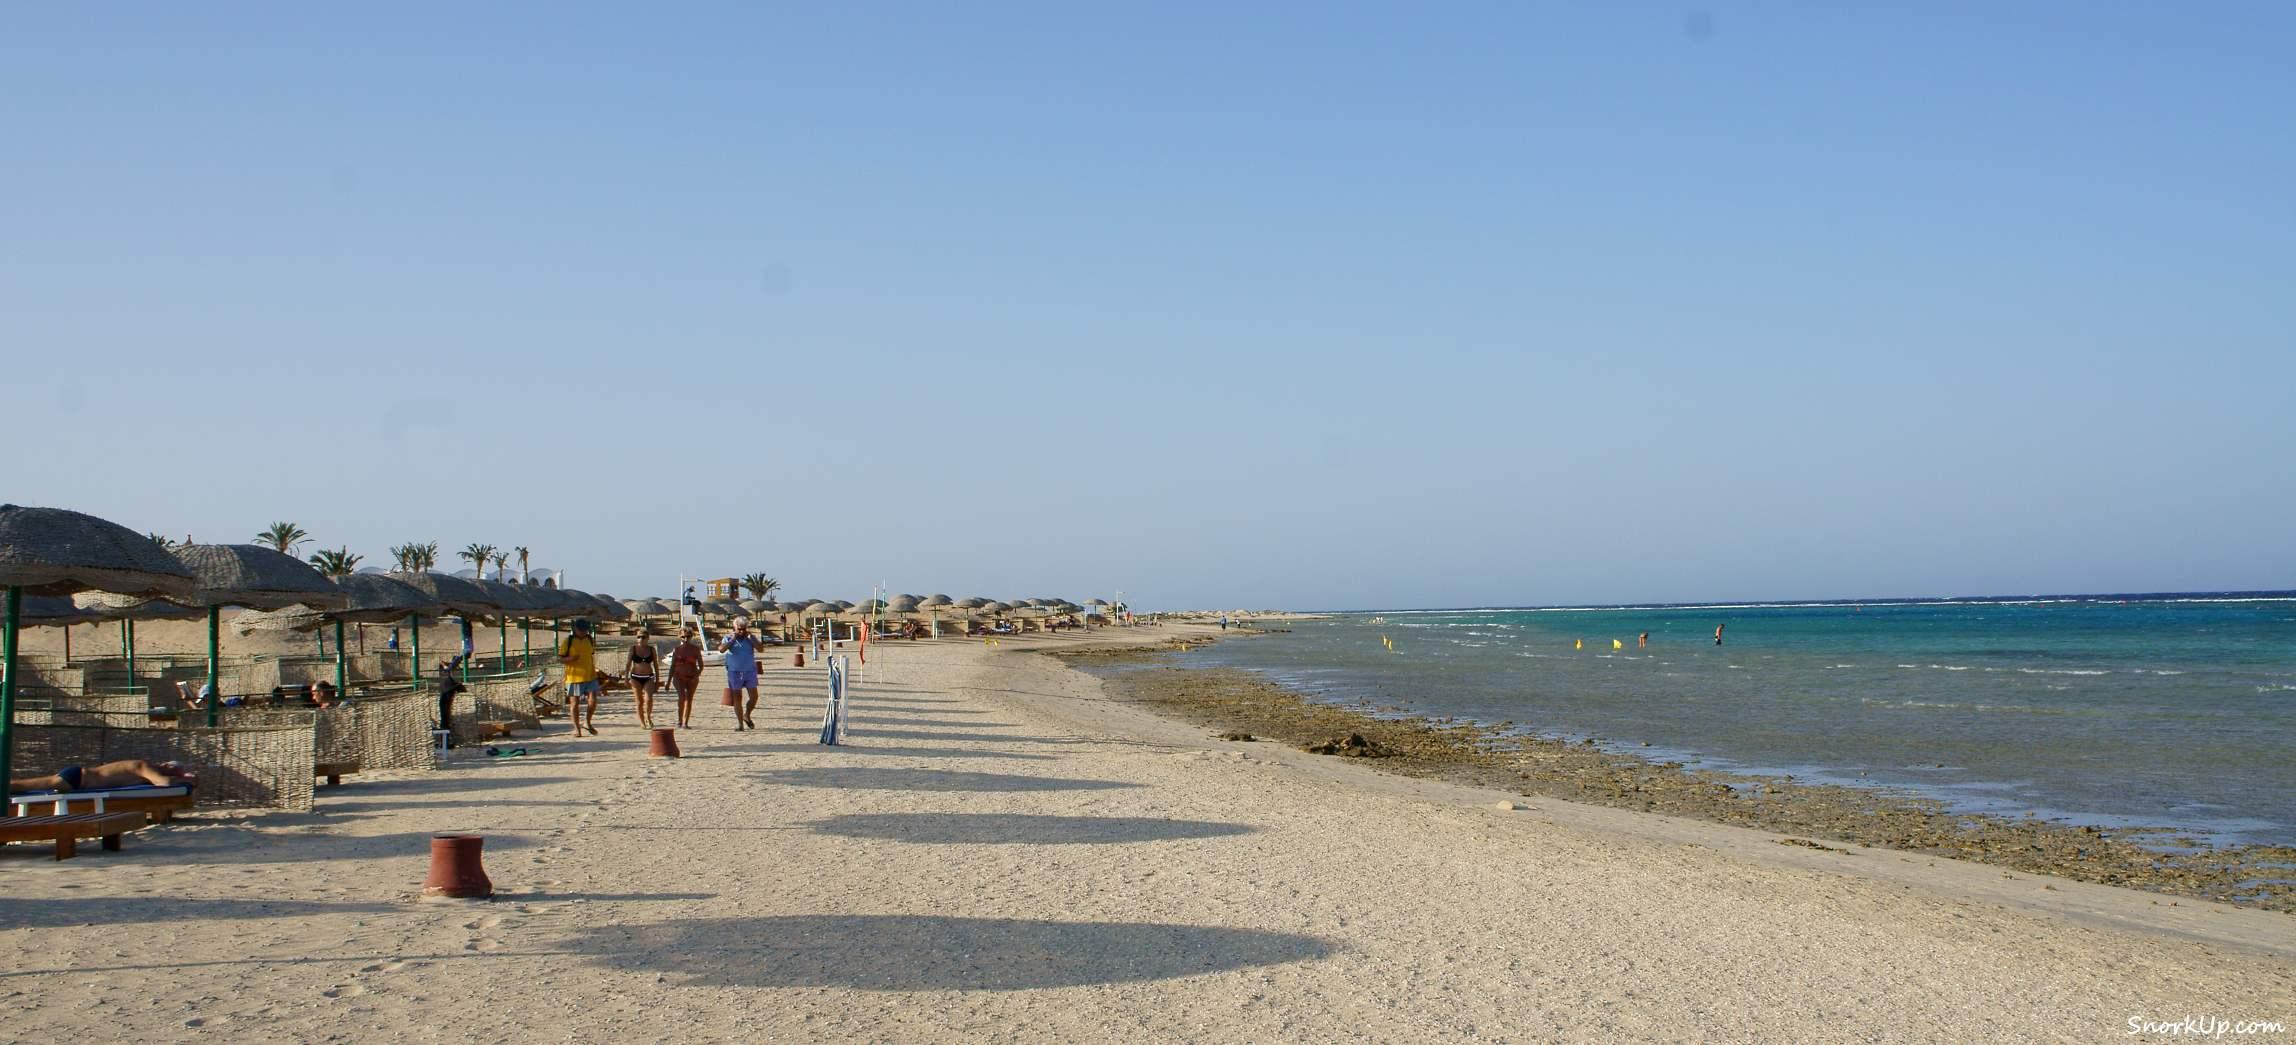 Пляж Gorgonia Beach Resort — вид с южной стороны